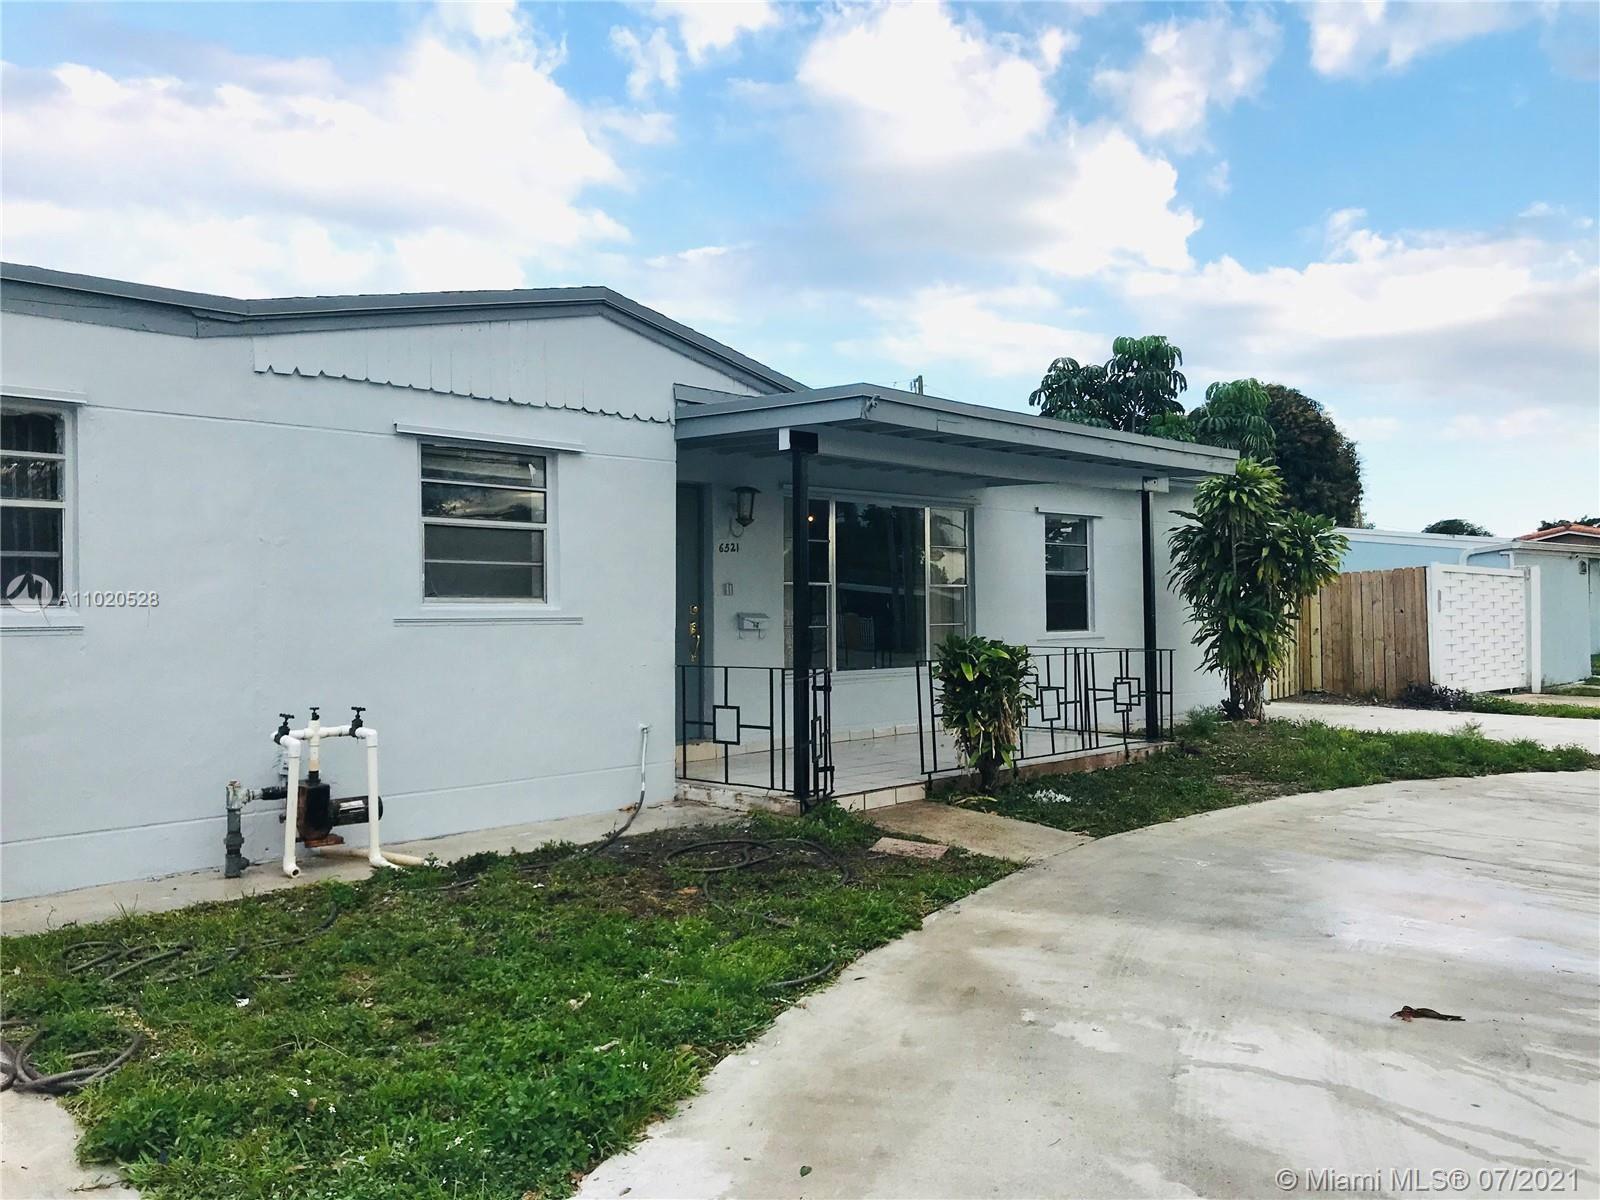 6521 W 14th Ave, Hialeah, FL 33012 - #: A11020528